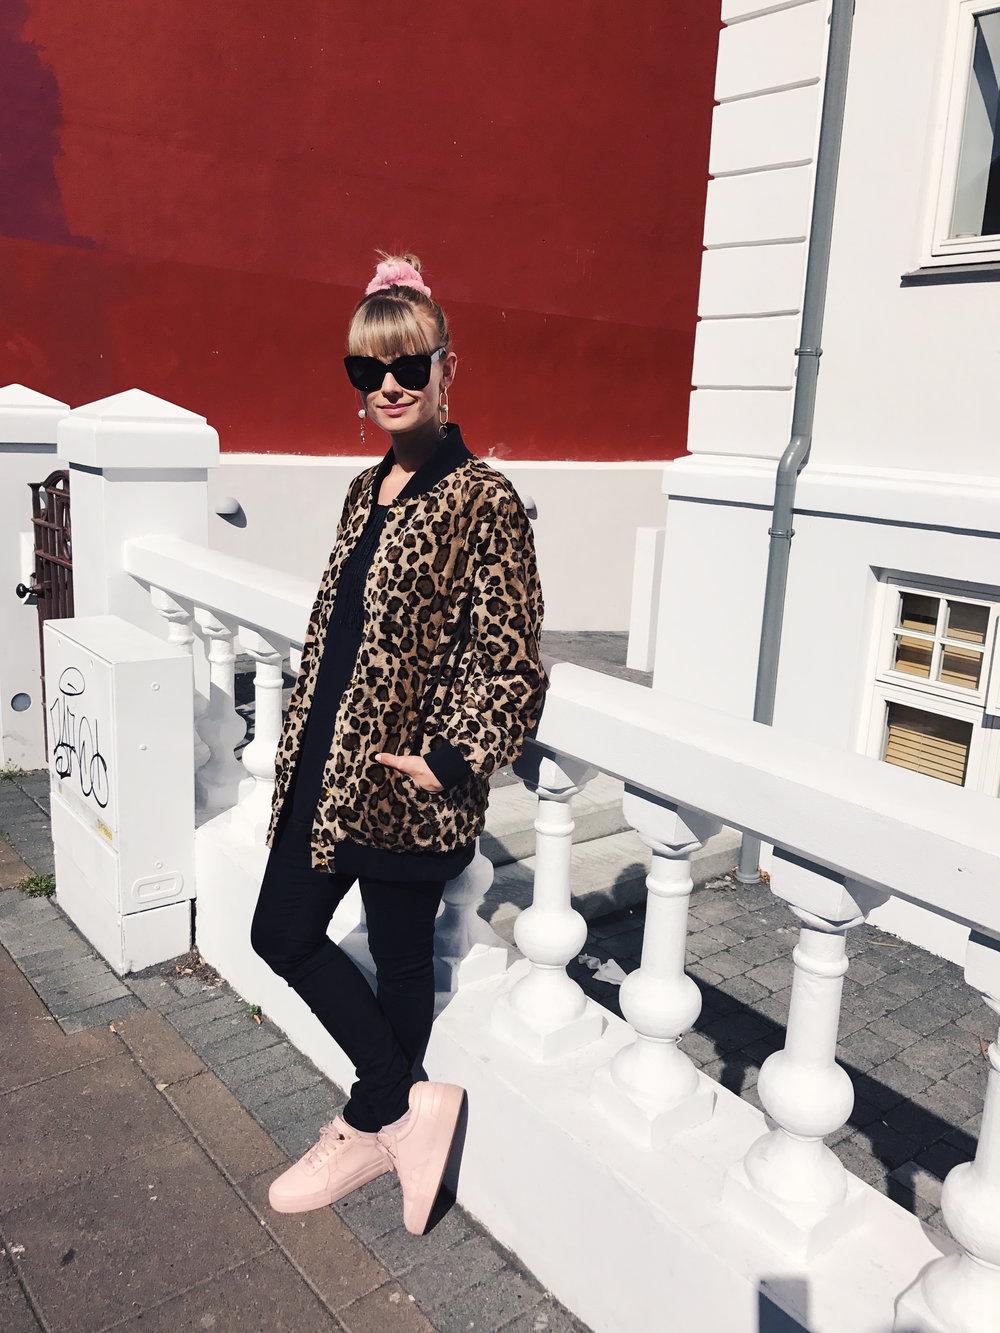 Mosha-Leopard-Scrucnhie.jpg